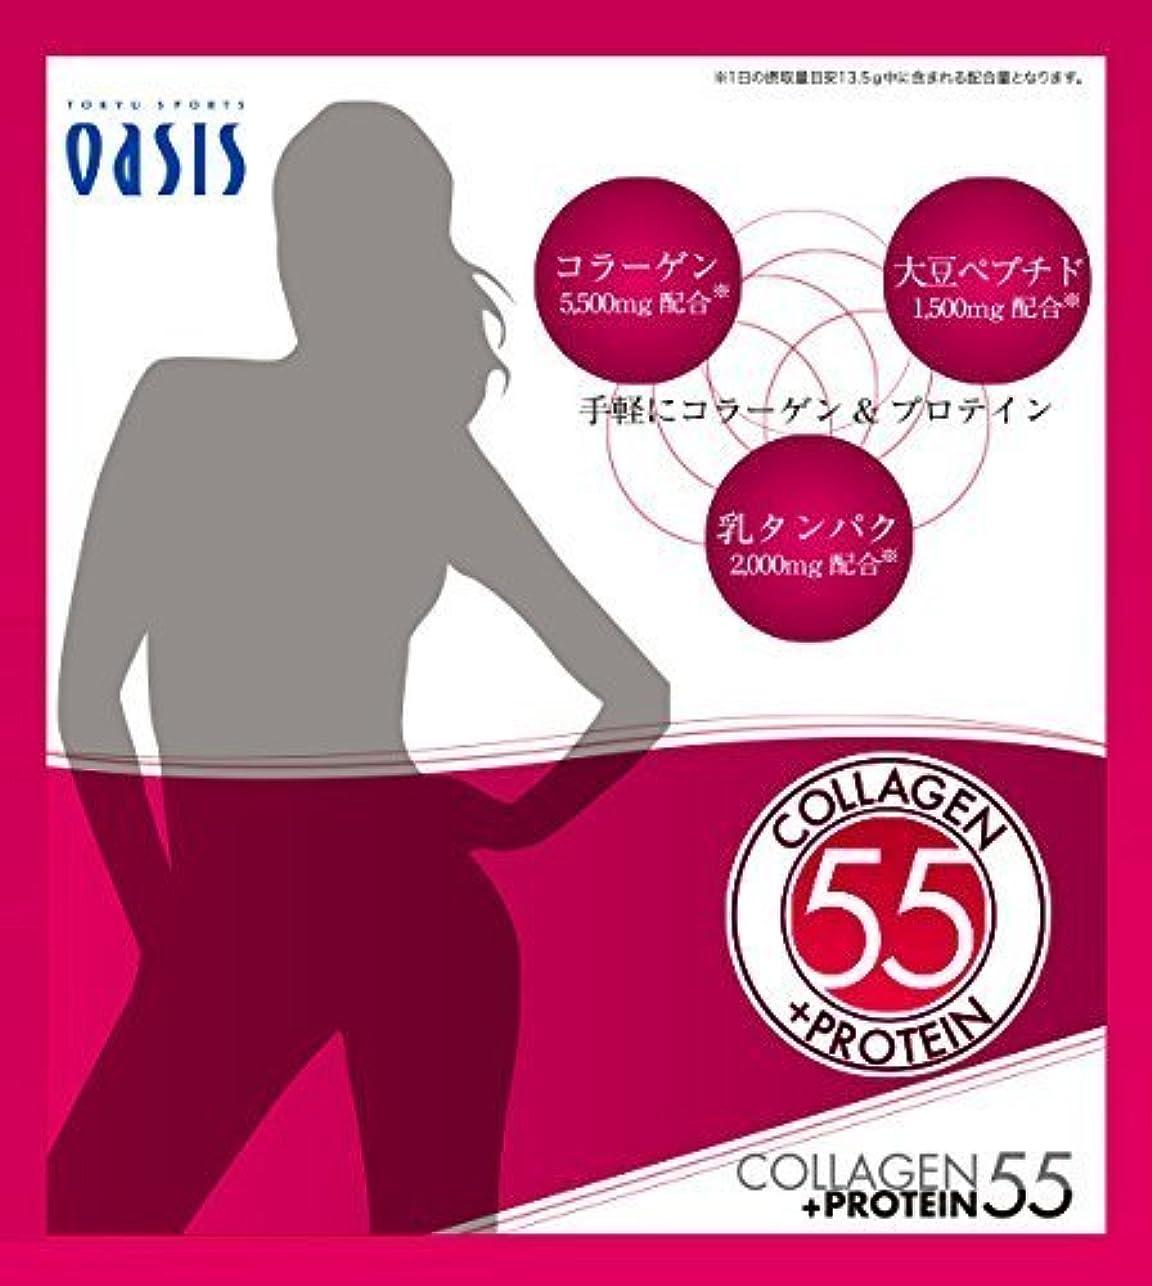 無関心最も遠いピクニックをする東急スポーツオアシス COLLAGEN+PROTEIN55(コラーゲン プラス プロテイン55)コラーゲン55